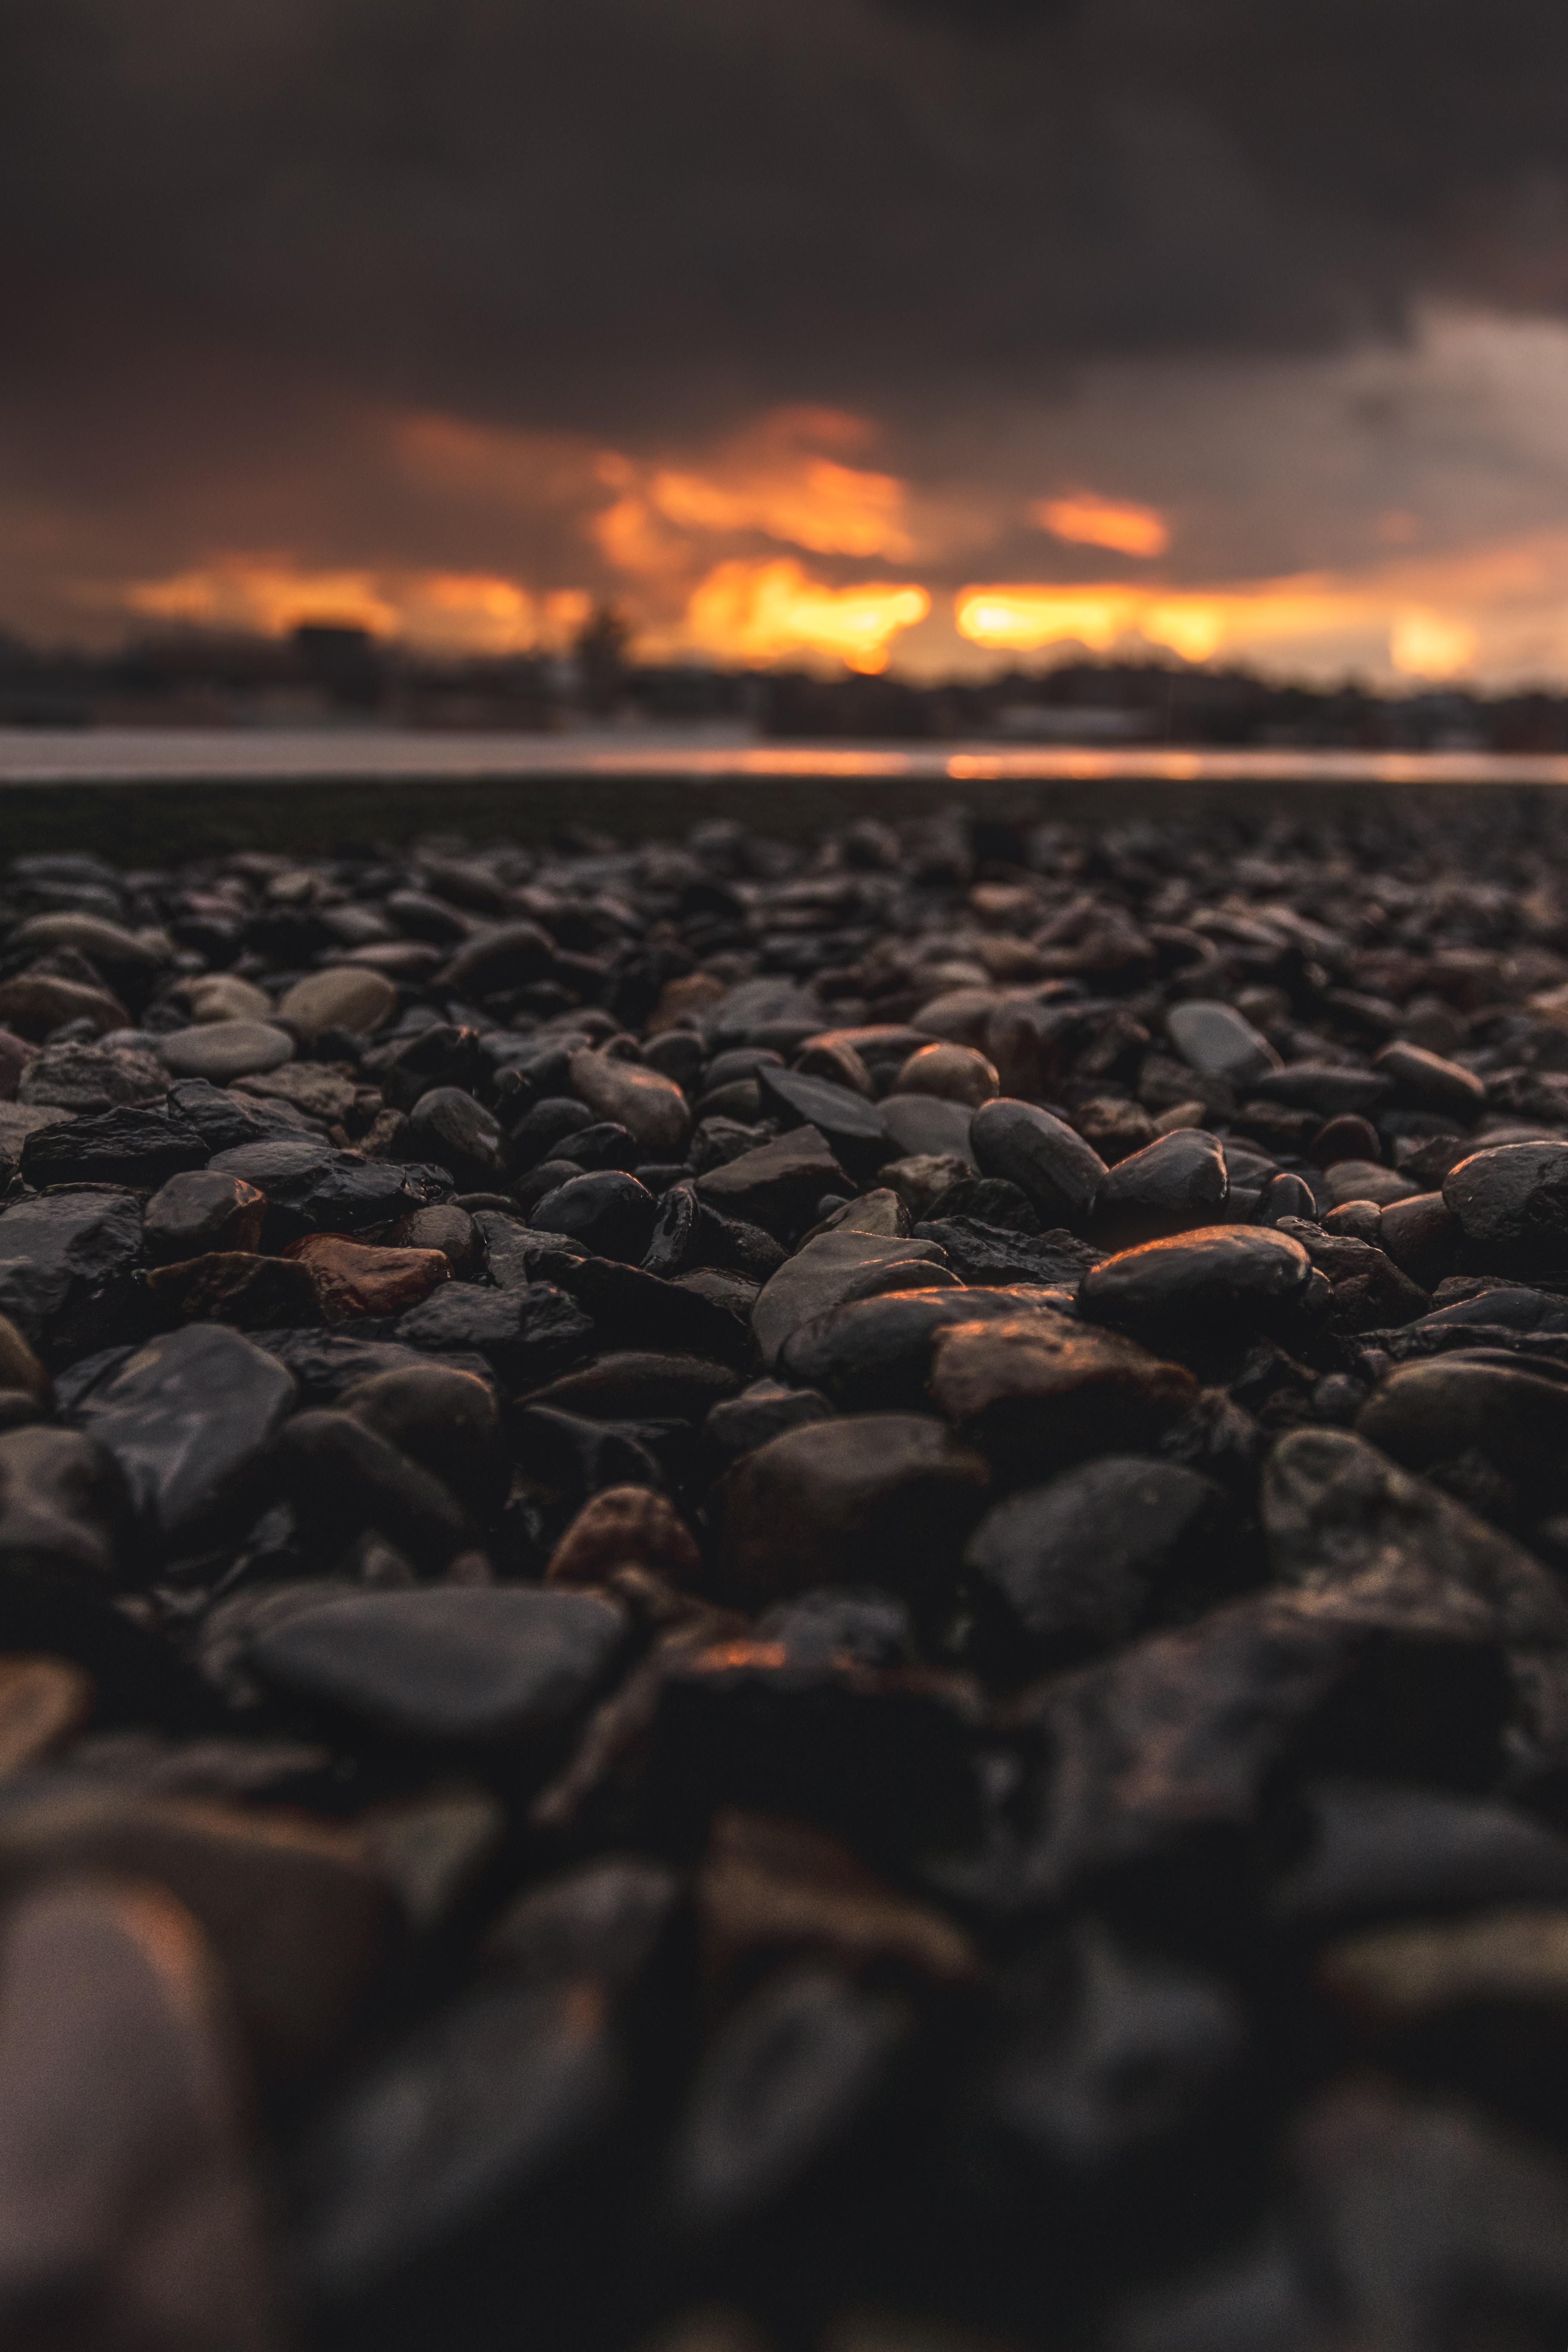 129765 Hintergrundbild 128x160 kostenlos auf deinem Handy, lade Bilder Natur, Stones, Strand, Dunkel, Dämmerung, Twilight 128x160 auf dein Handy herunter